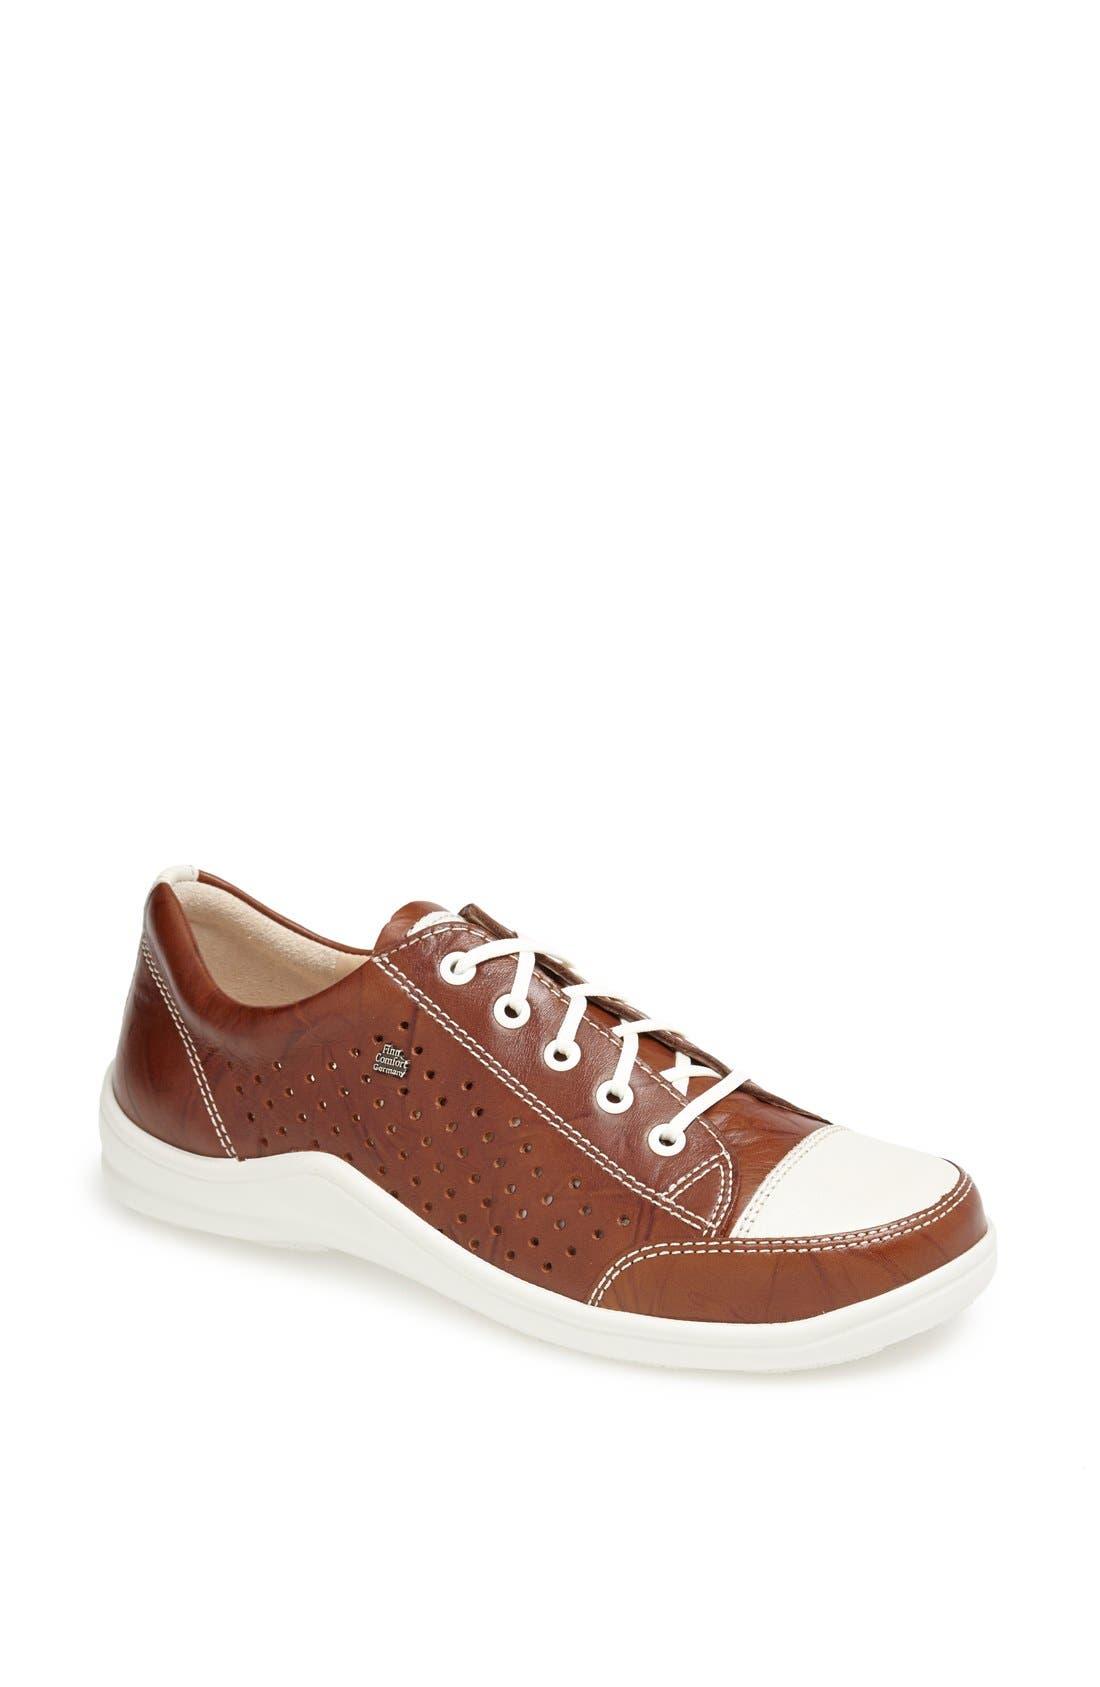 Alternate Image 1 Selected - Finn Comfort Sneaker